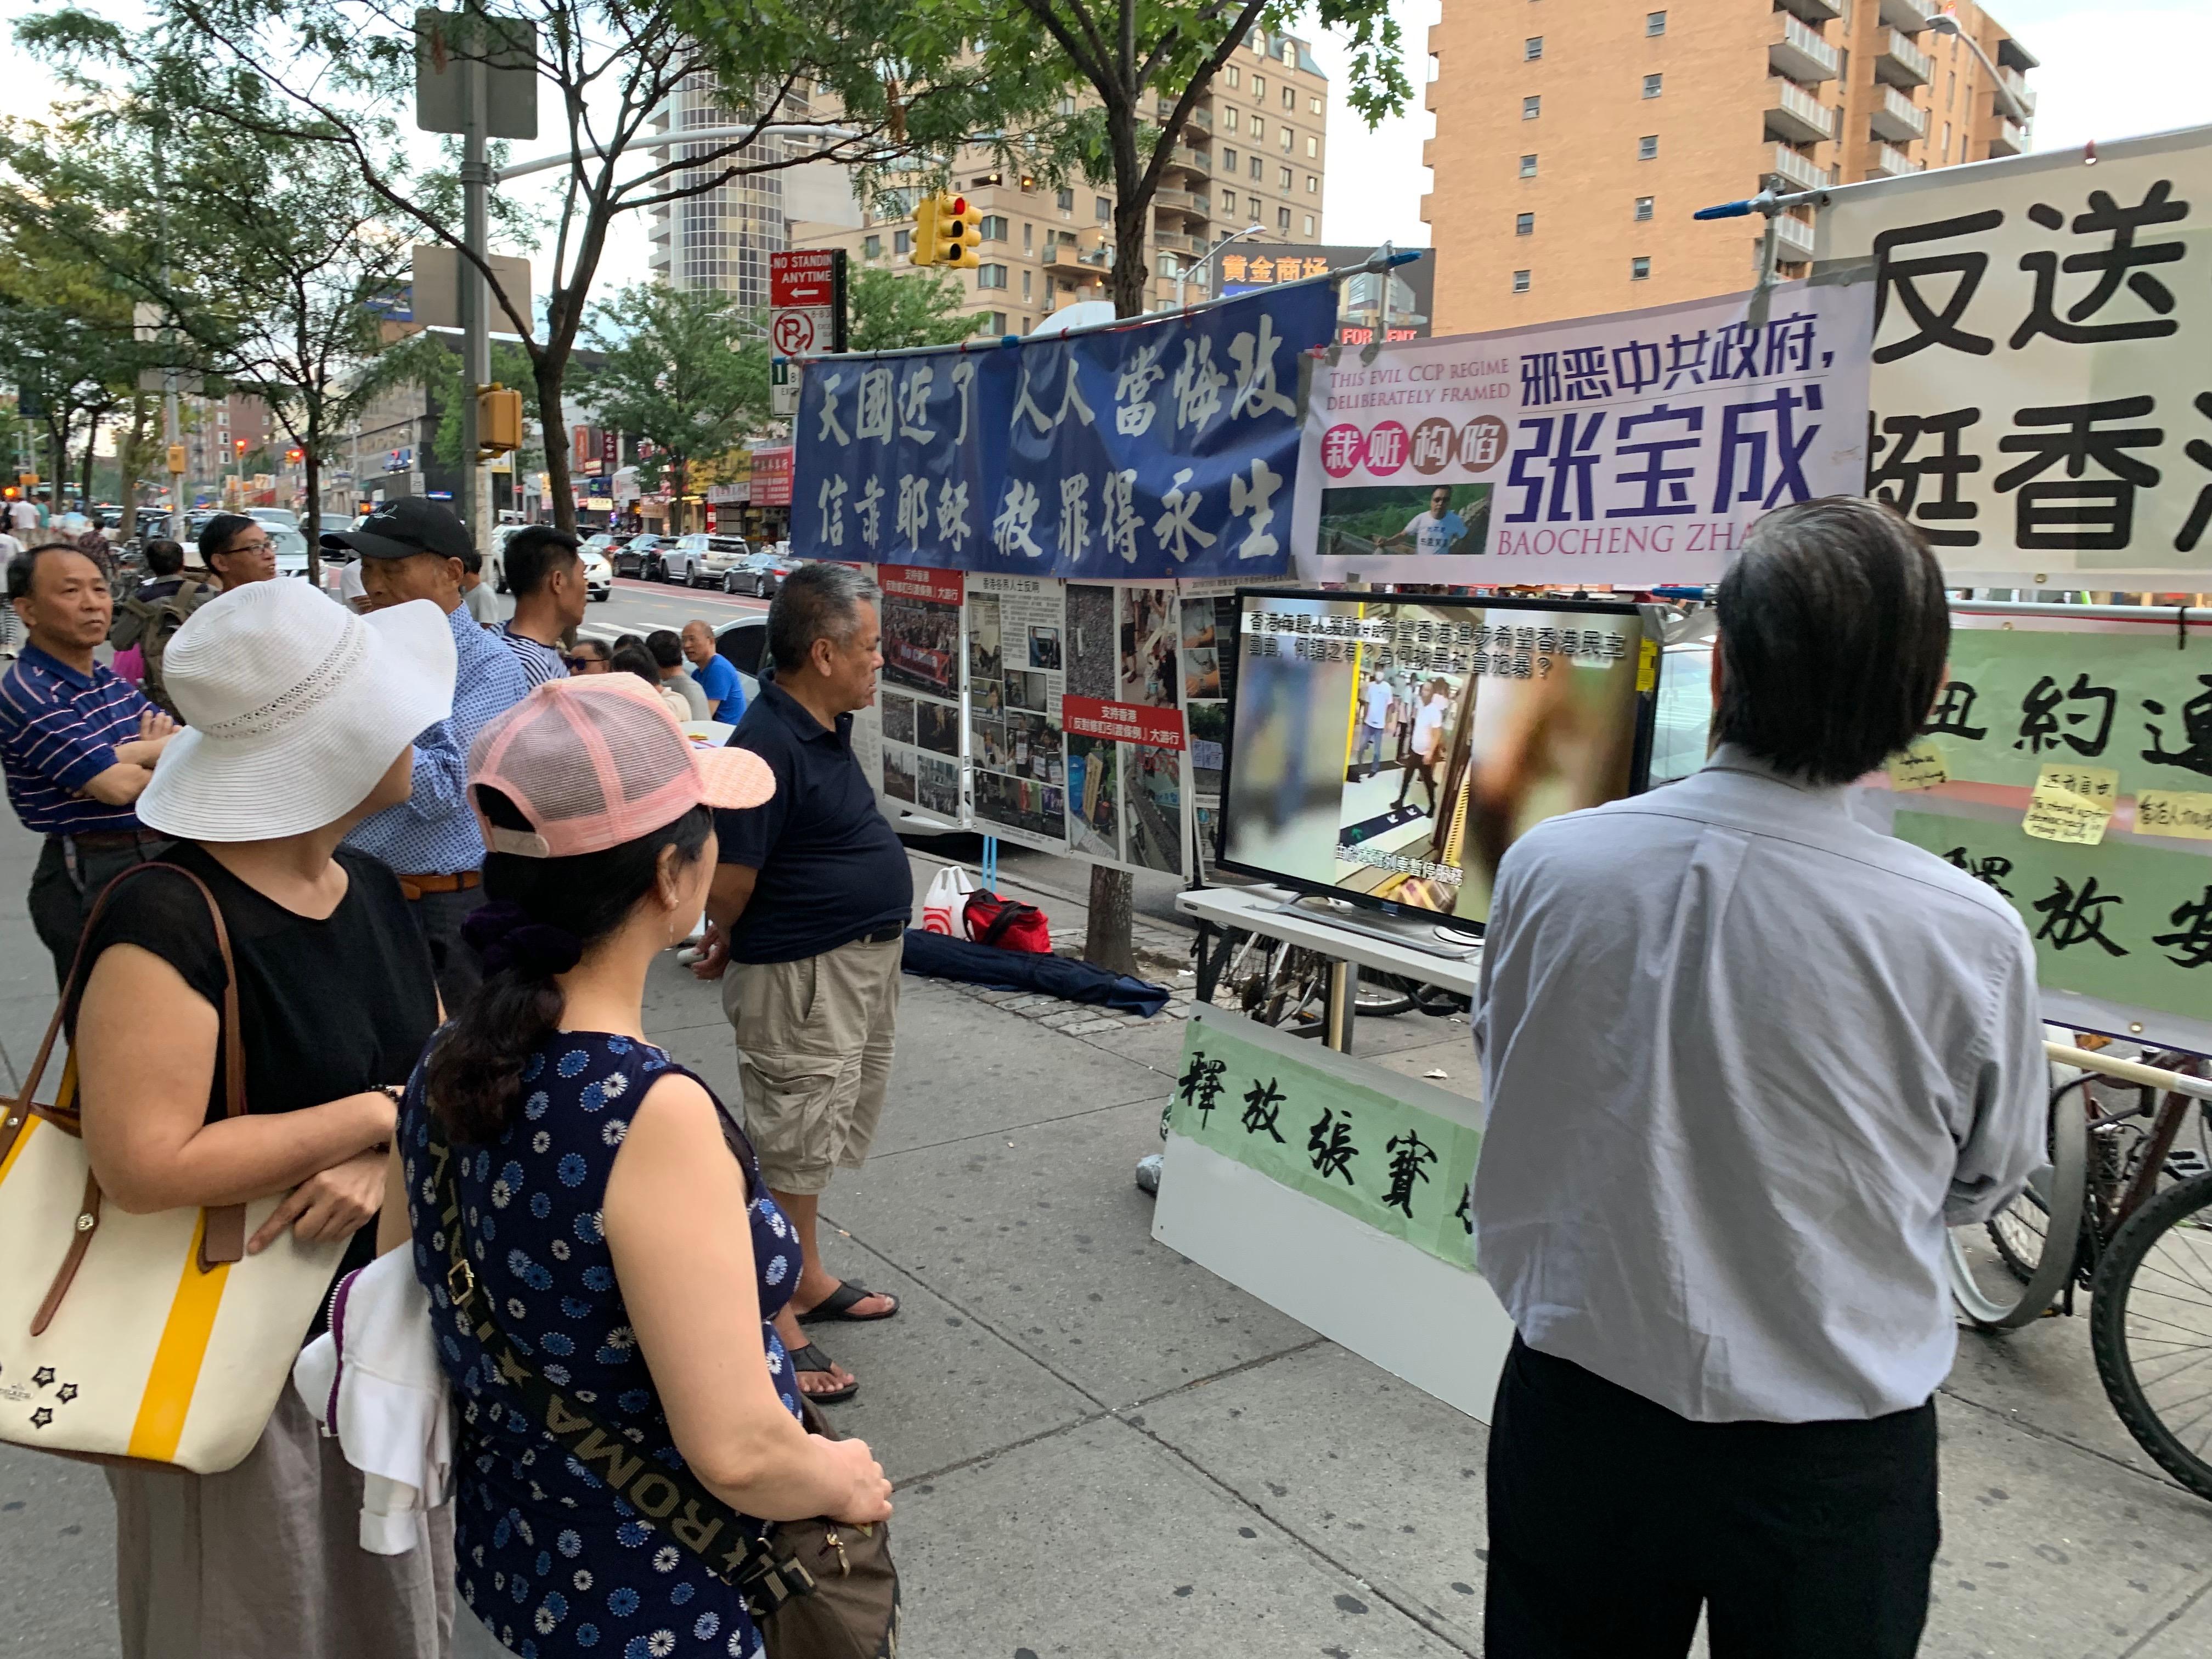 部份華人在法拉盛圖書館前築起「連儂牆」,聲援港人反抗中共暴政,吸引路人駐足觀看。 (林丹/大紀元)